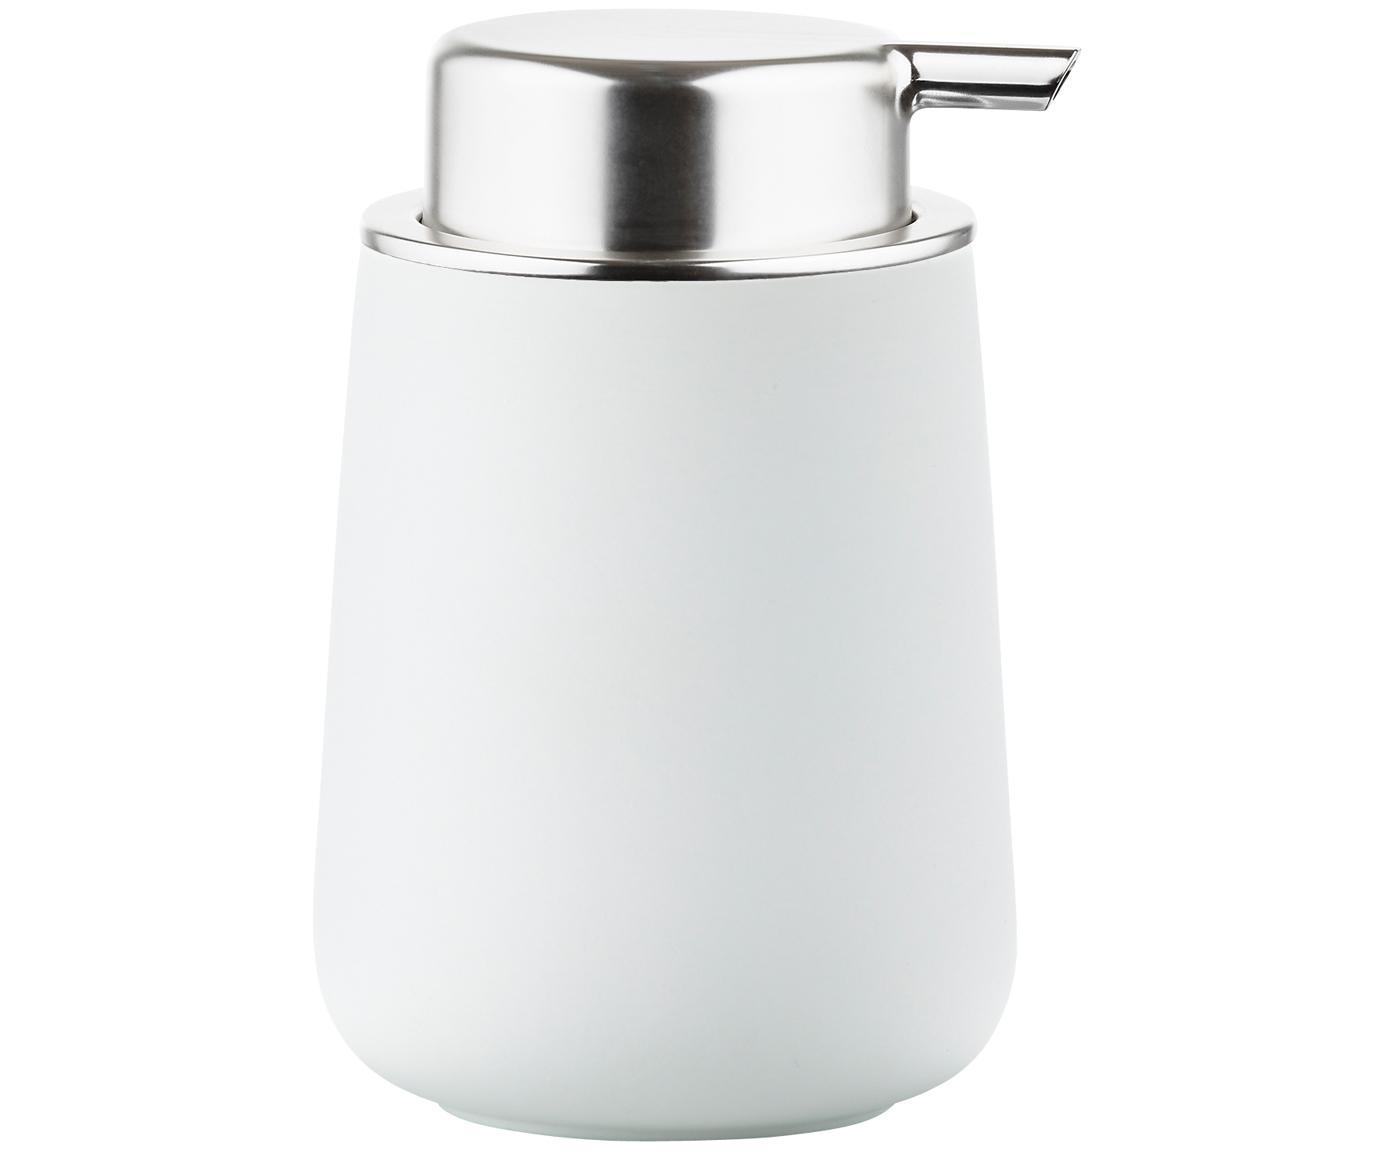 Dozownik do mydła Push, Biały matowy, srebrny, Ø 8 x 12 cm